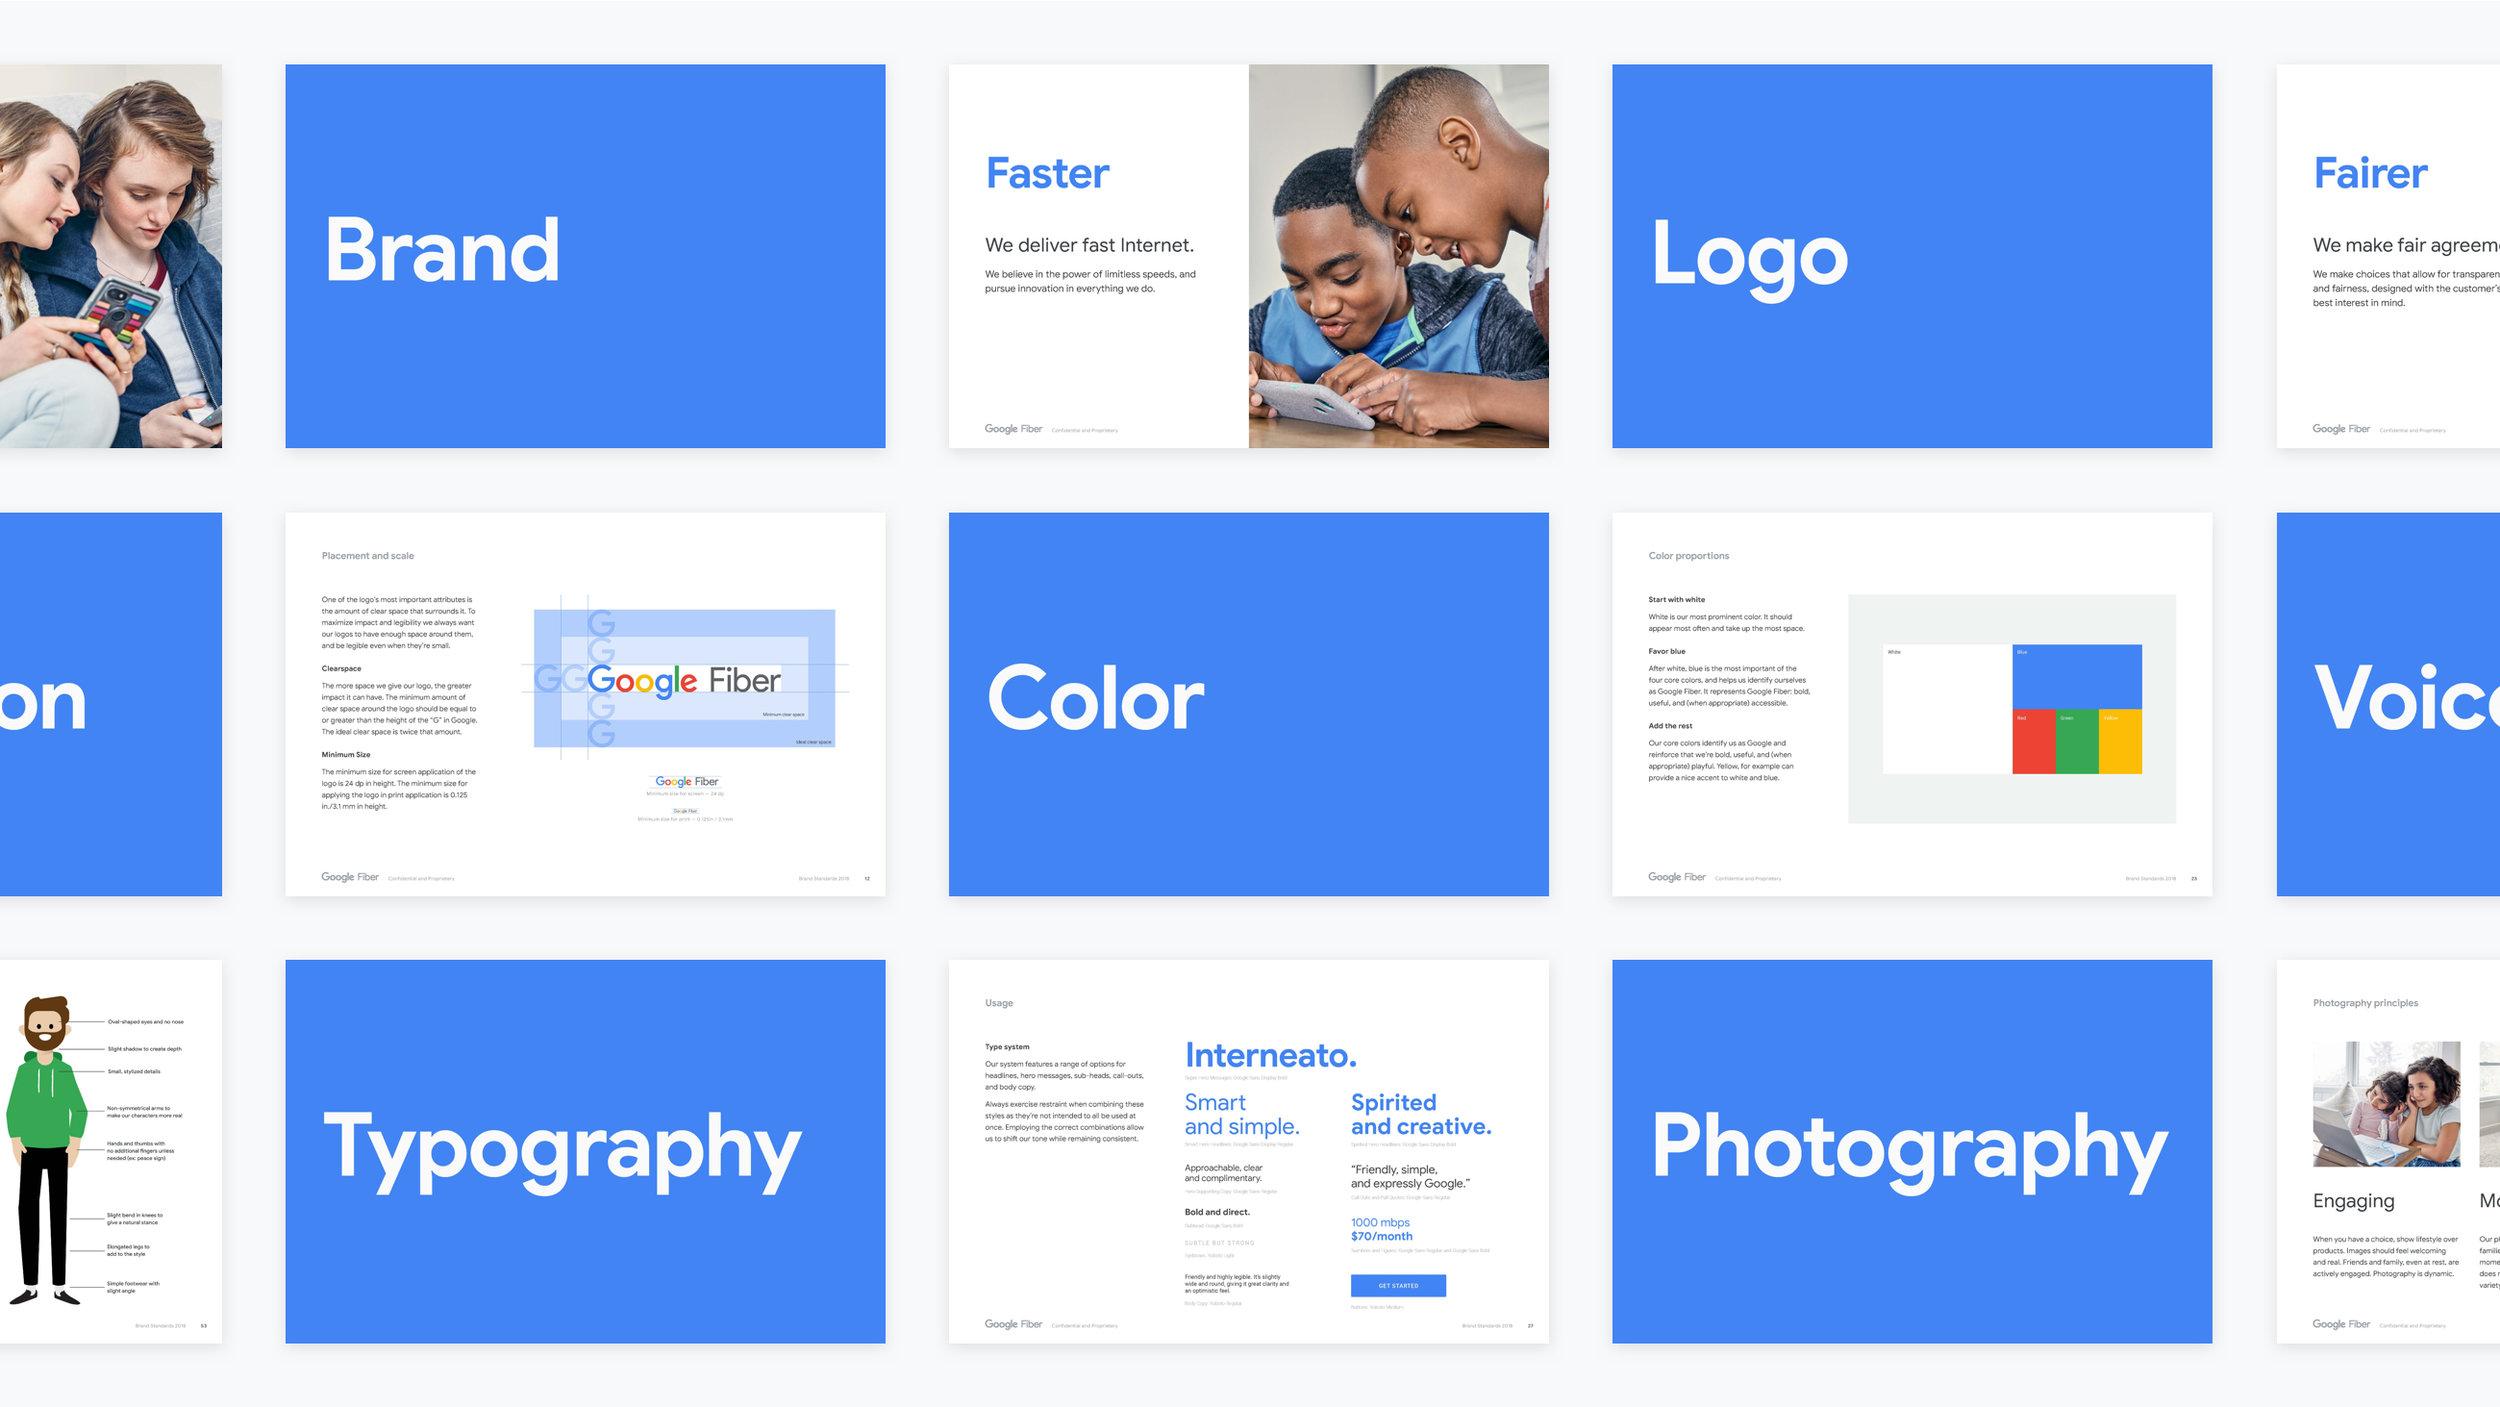 GoogleFiber_BrandGuidelines_all.jpg